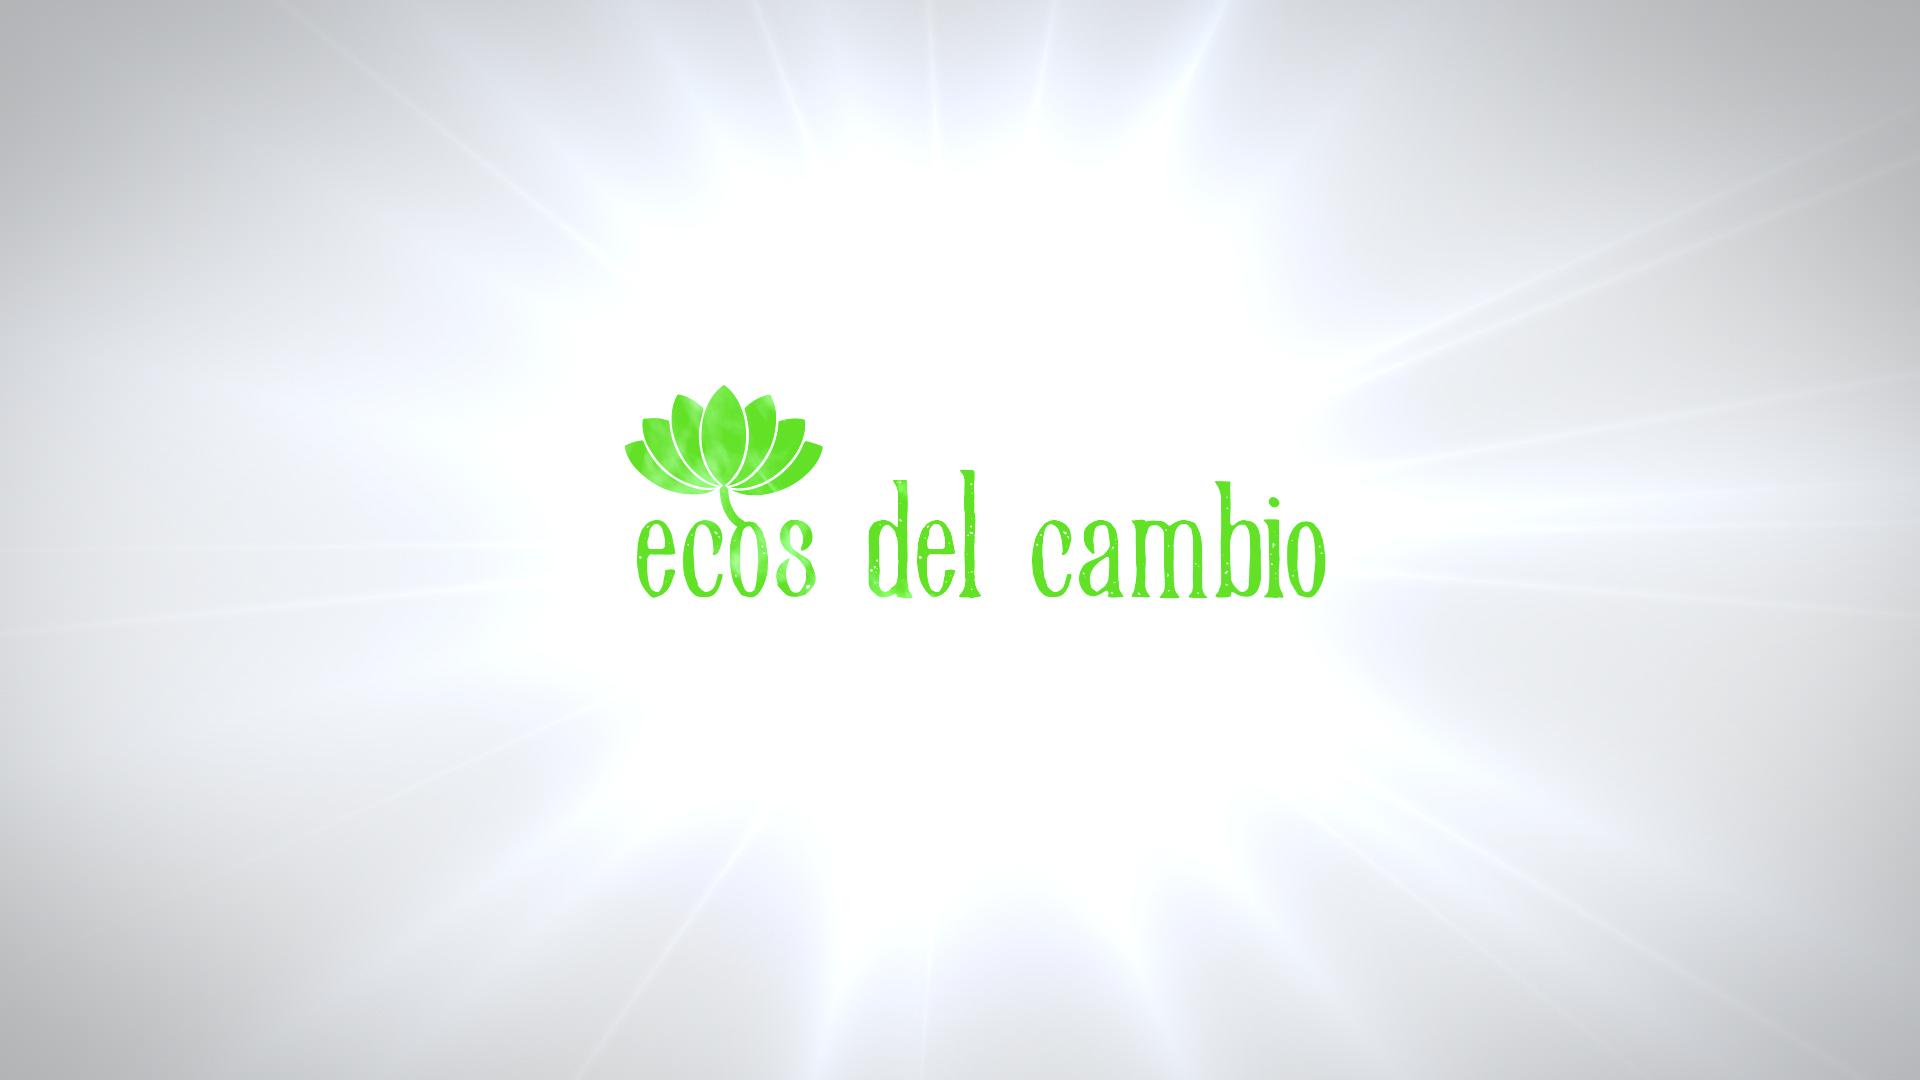 ecos30